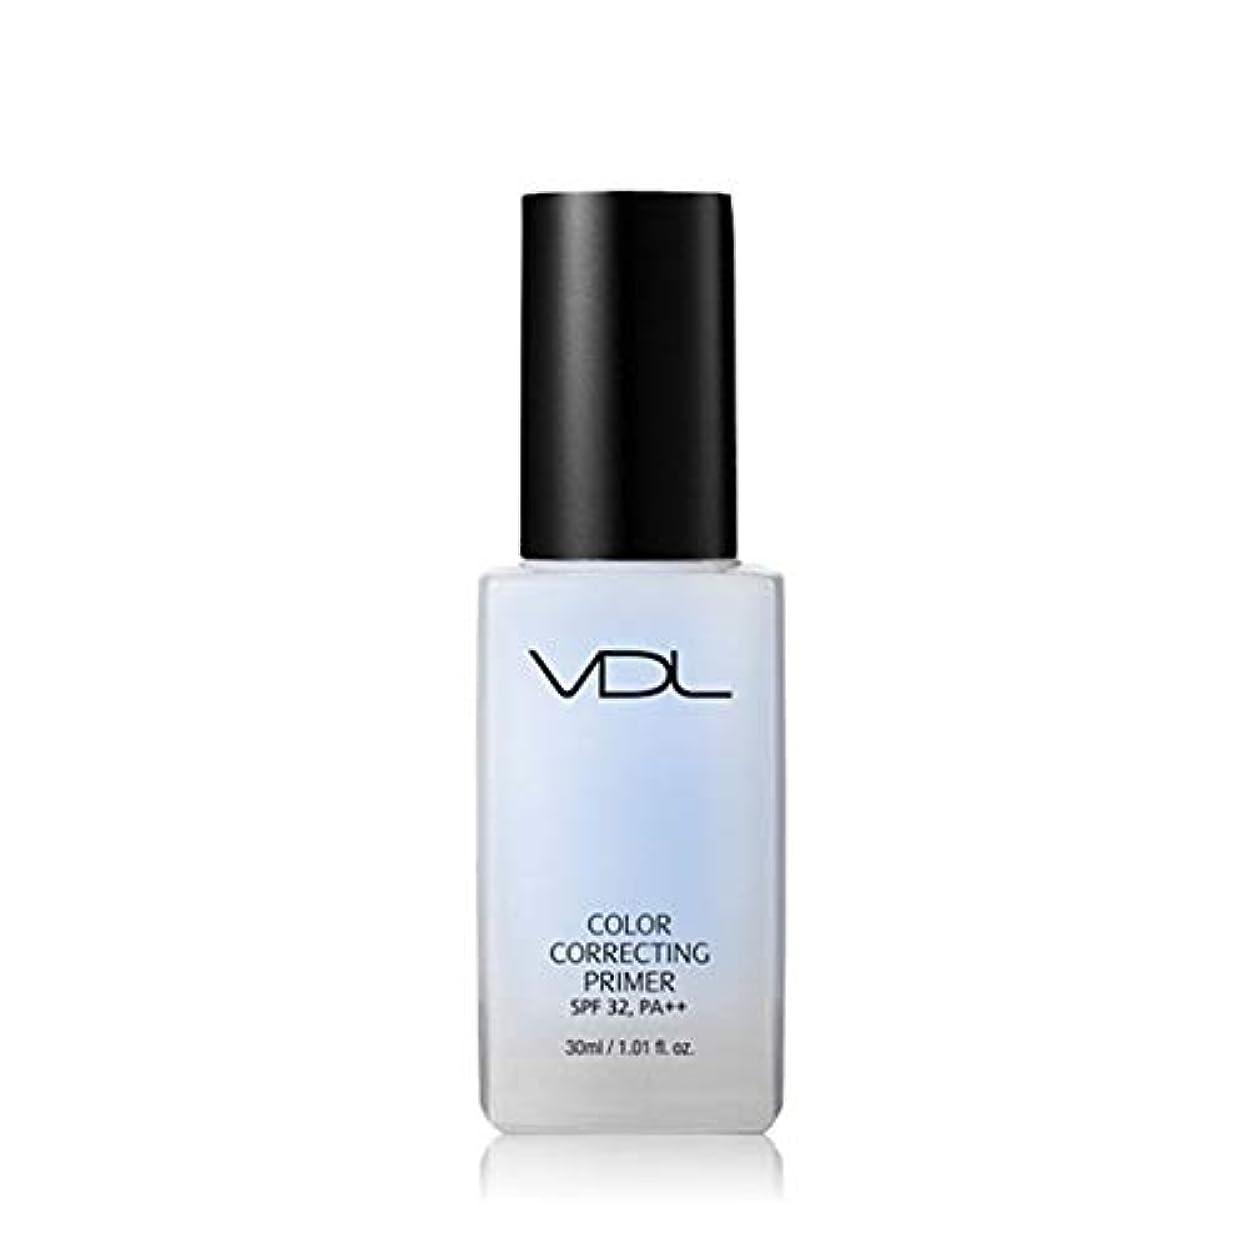 出血。リサイクルするVDLカラーコレクティンプライマー30ml 3カラーメイクアップベース、VDL Color Correcting Primer 30ml 3-Colors Make-up Base [並行輸入品] (Serenity)